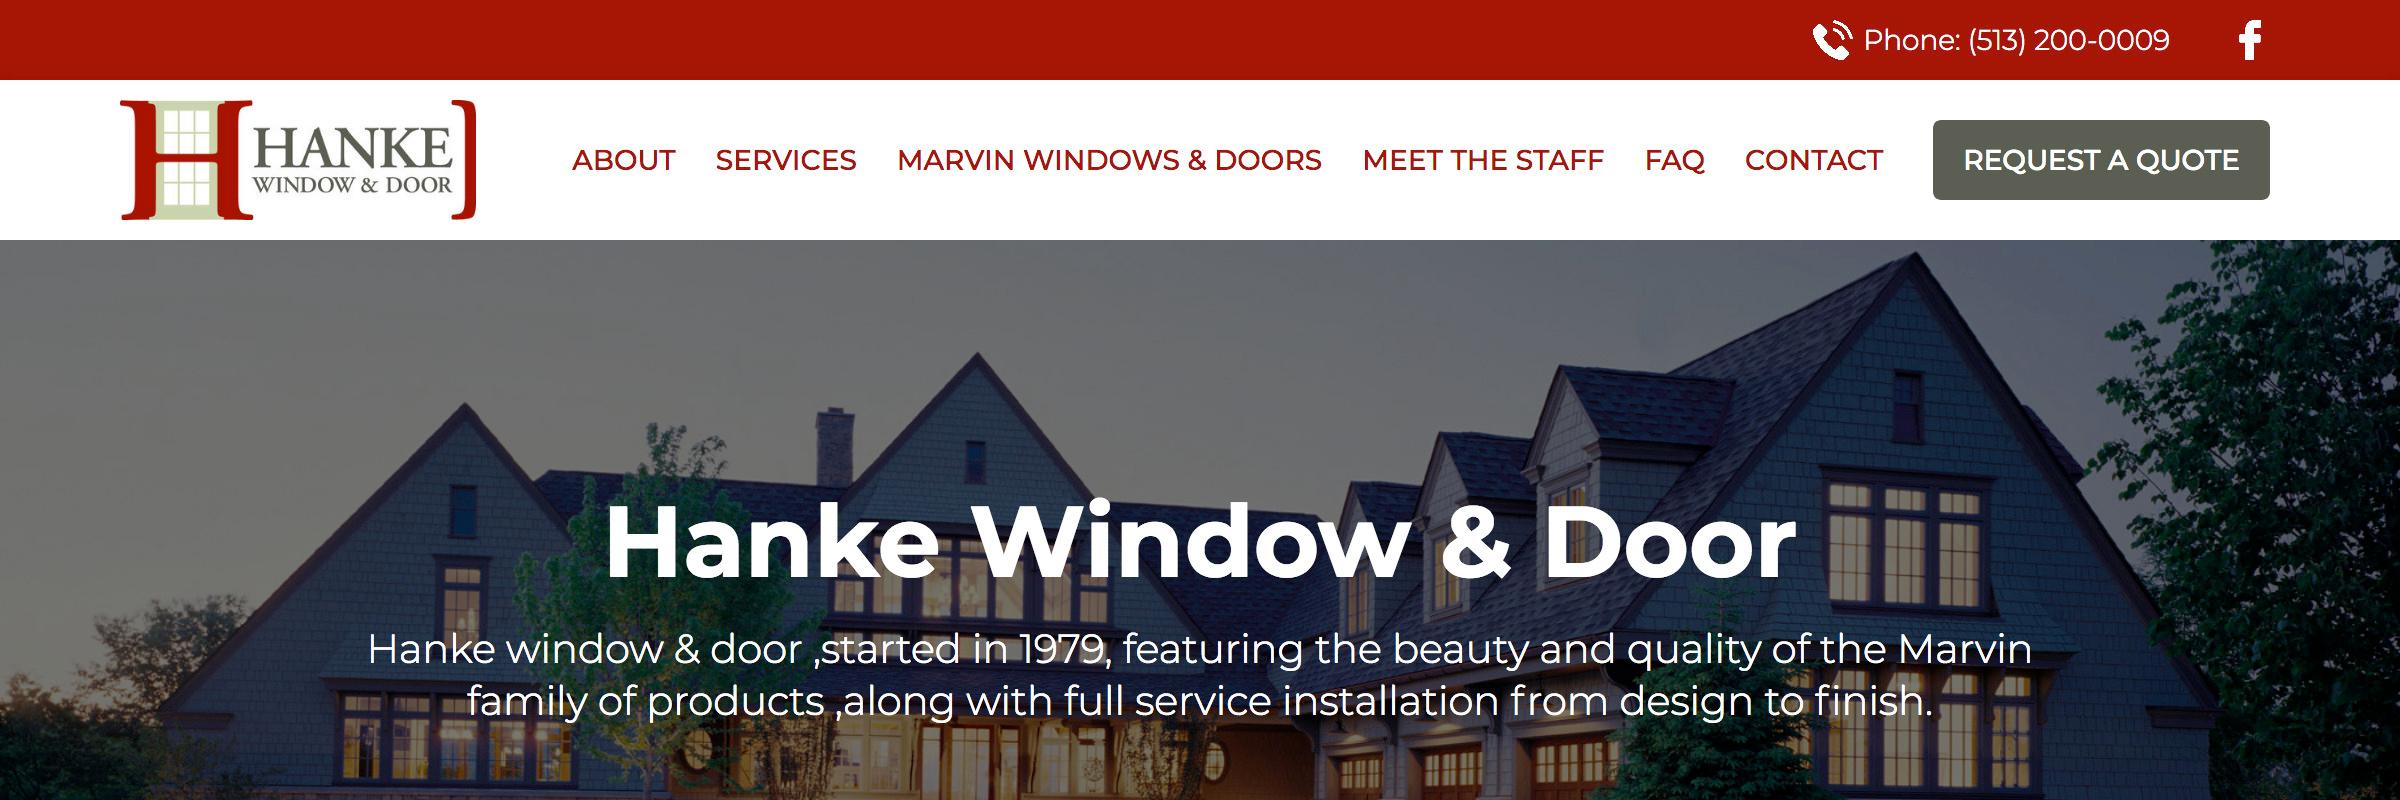 Hanke Window & Door